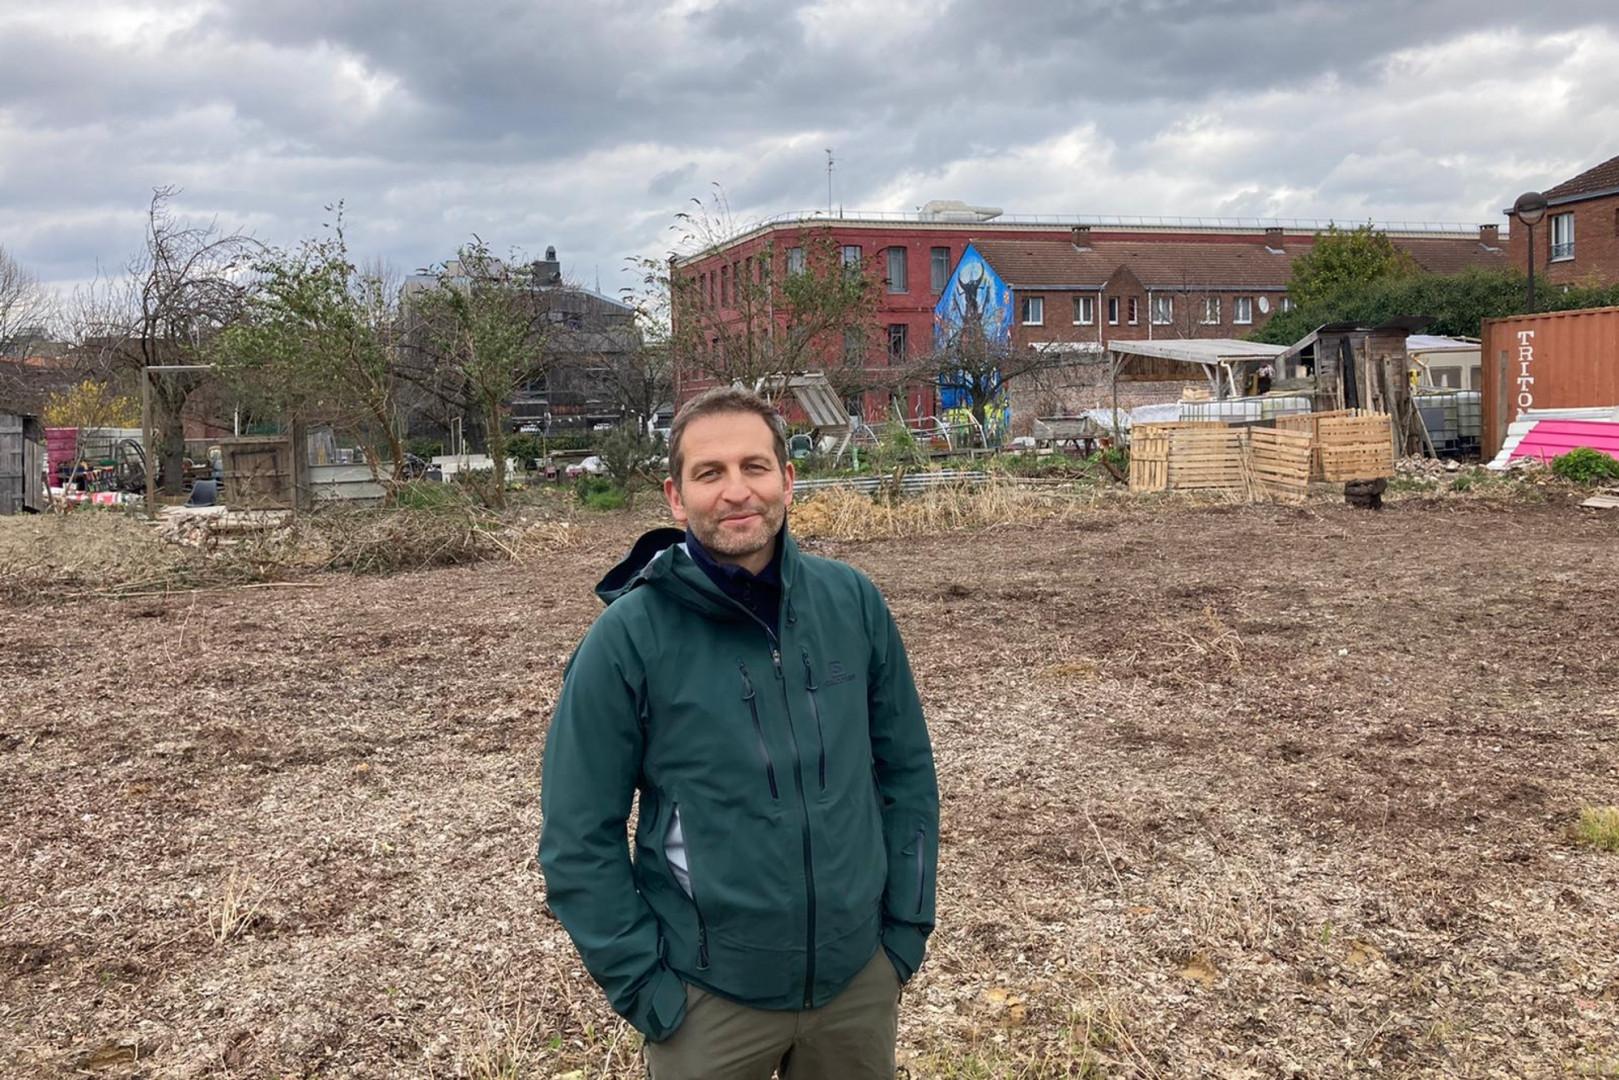 Pierre Wolff, coordinateur du projet, sur la friche industrielle transformée en terrain maraîcher.